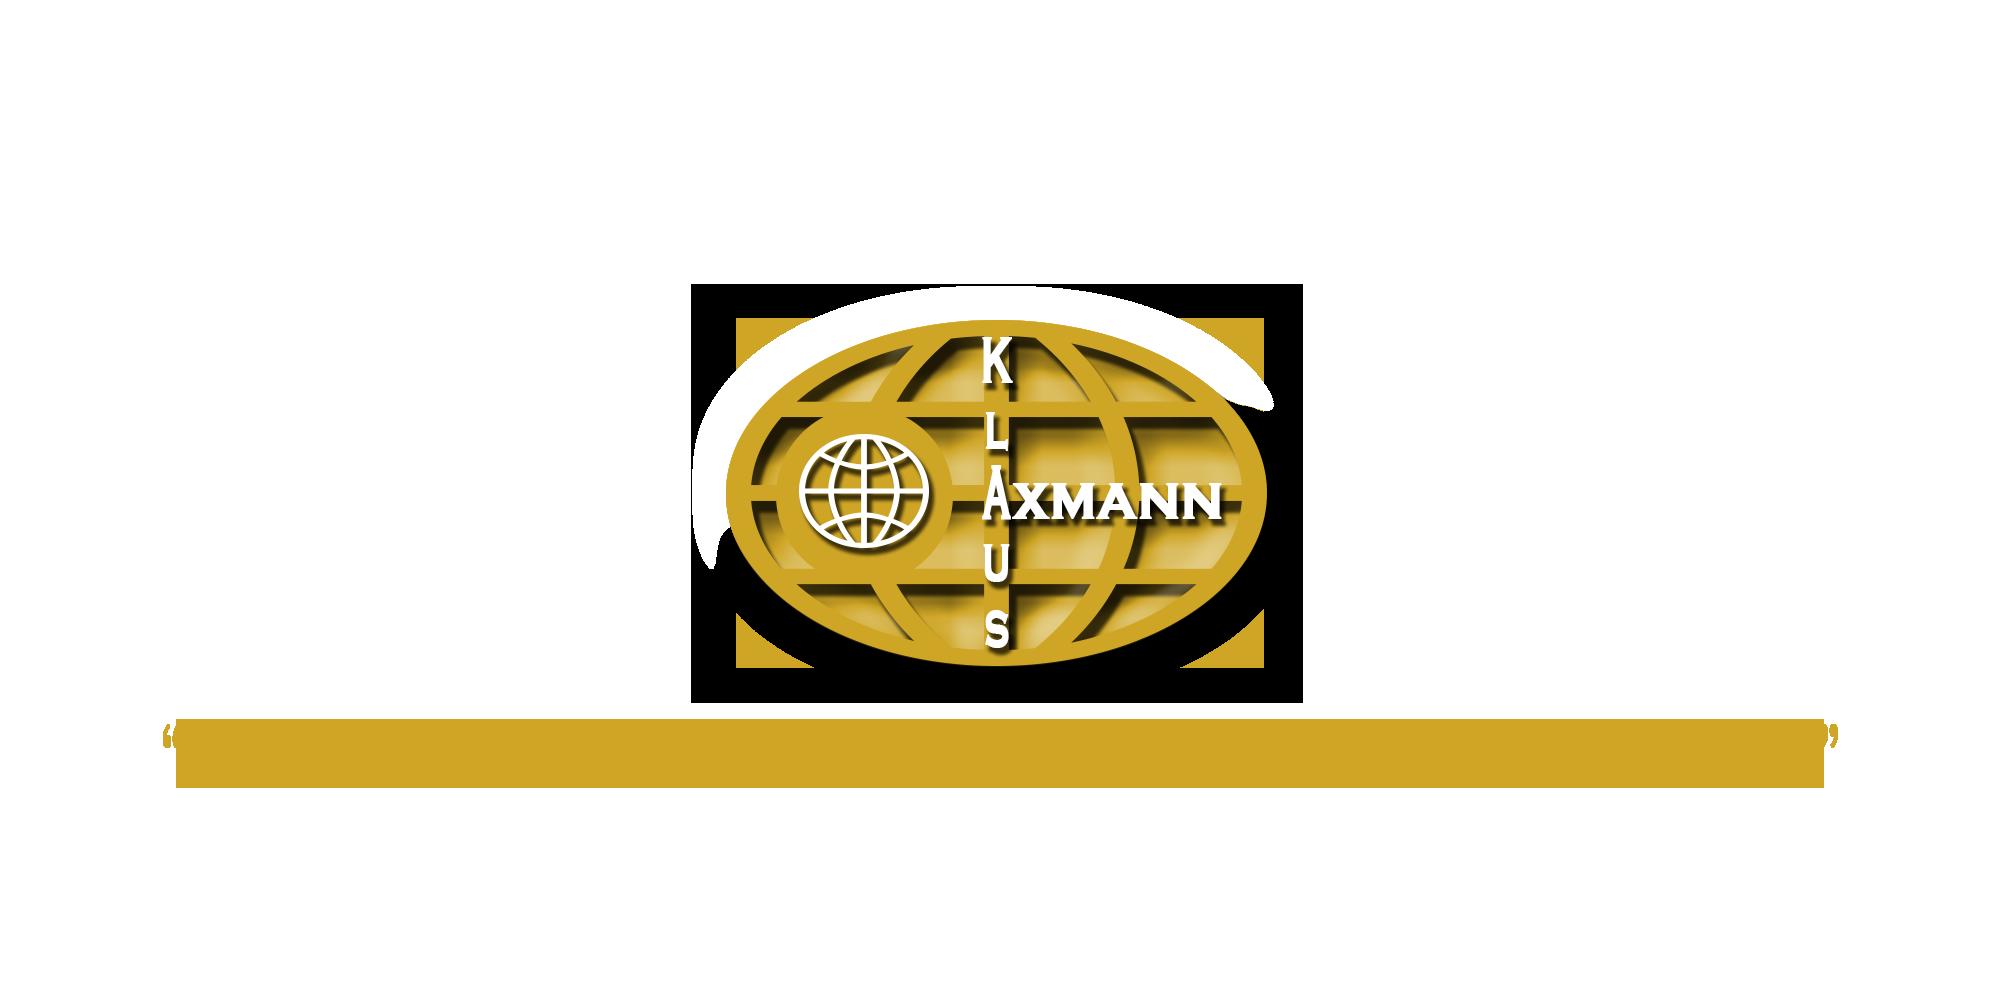 Klaus Axmann